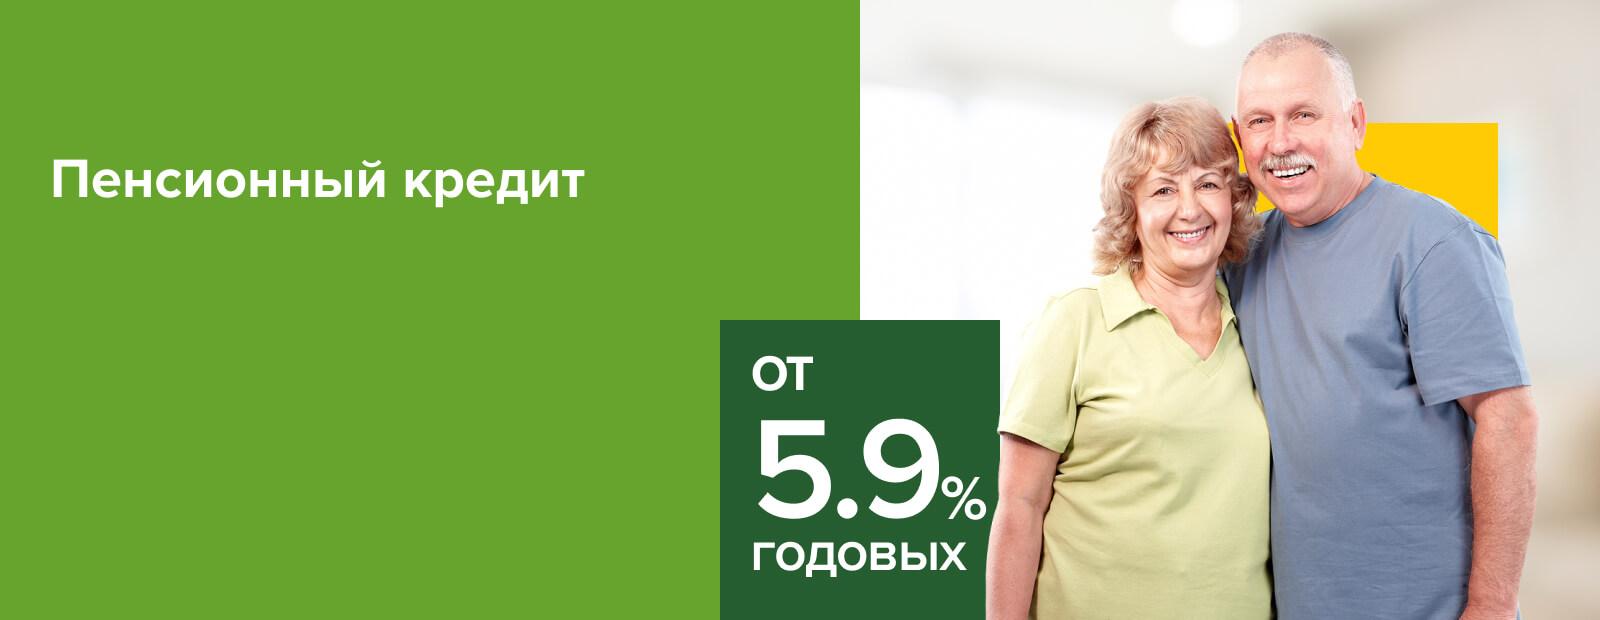 Вологда россельхозбанк пенсионный вклад получить индексацию пенсии 2016 г